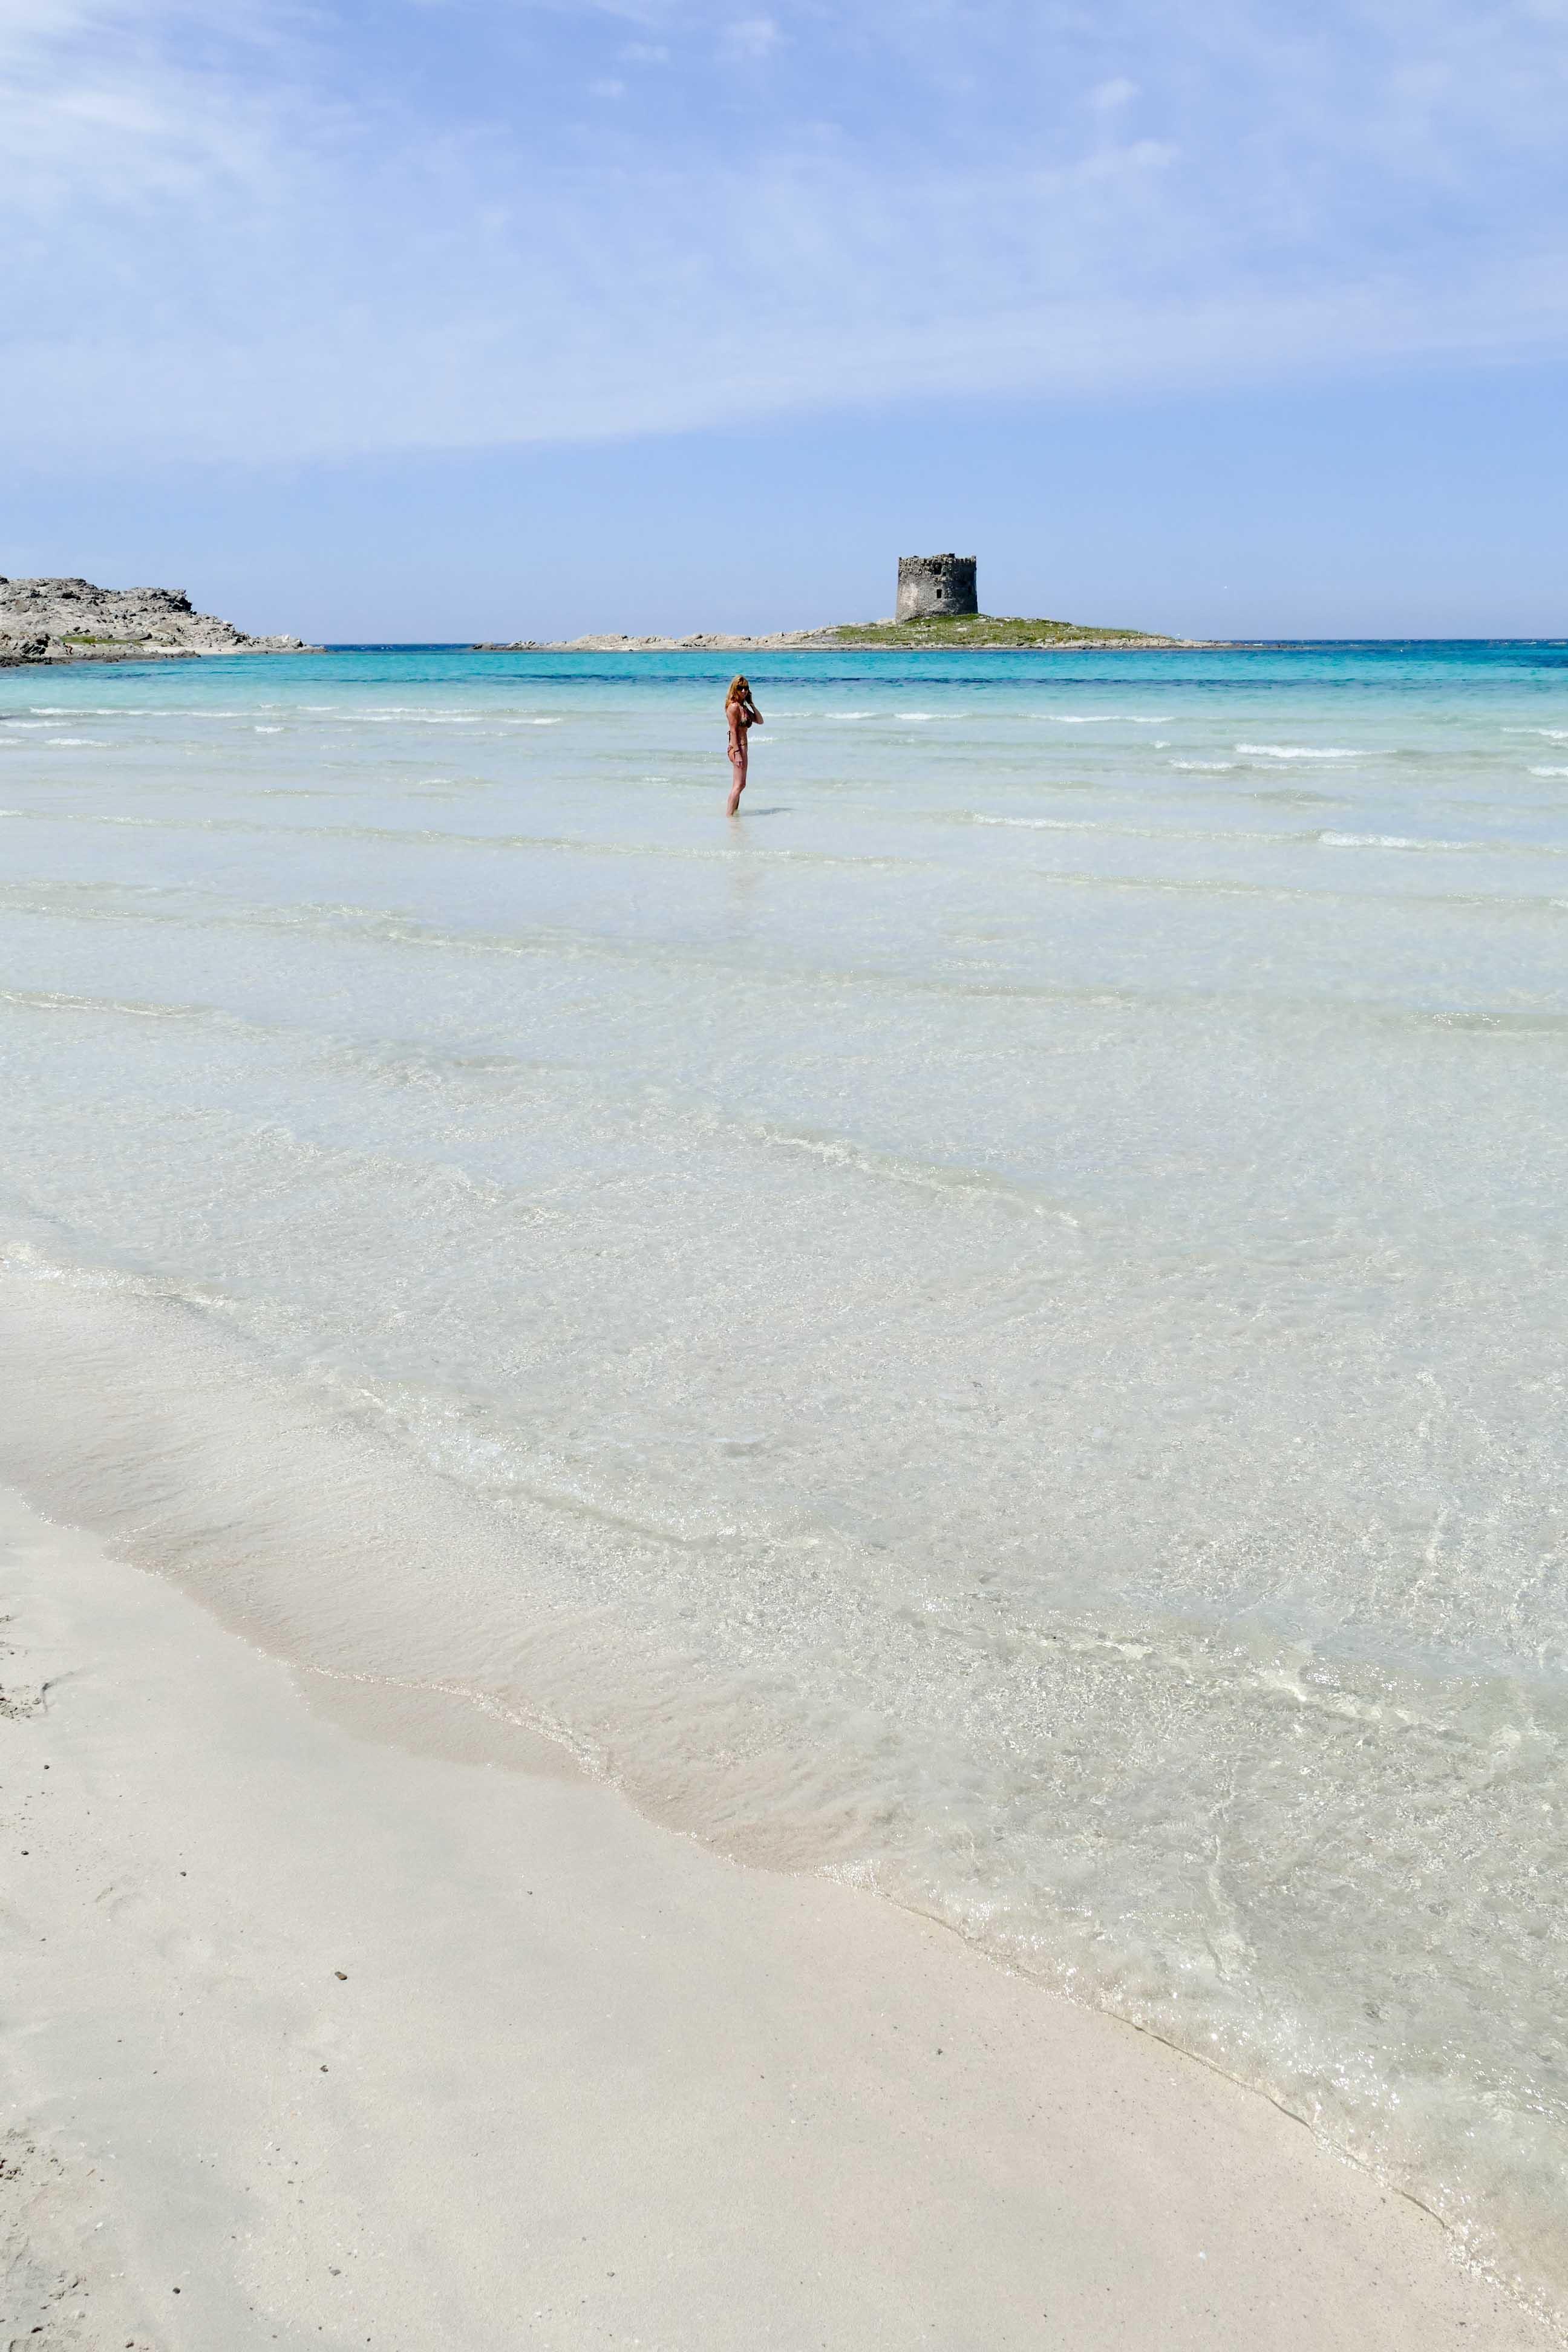 plage de La Pelosa - Sardaigne